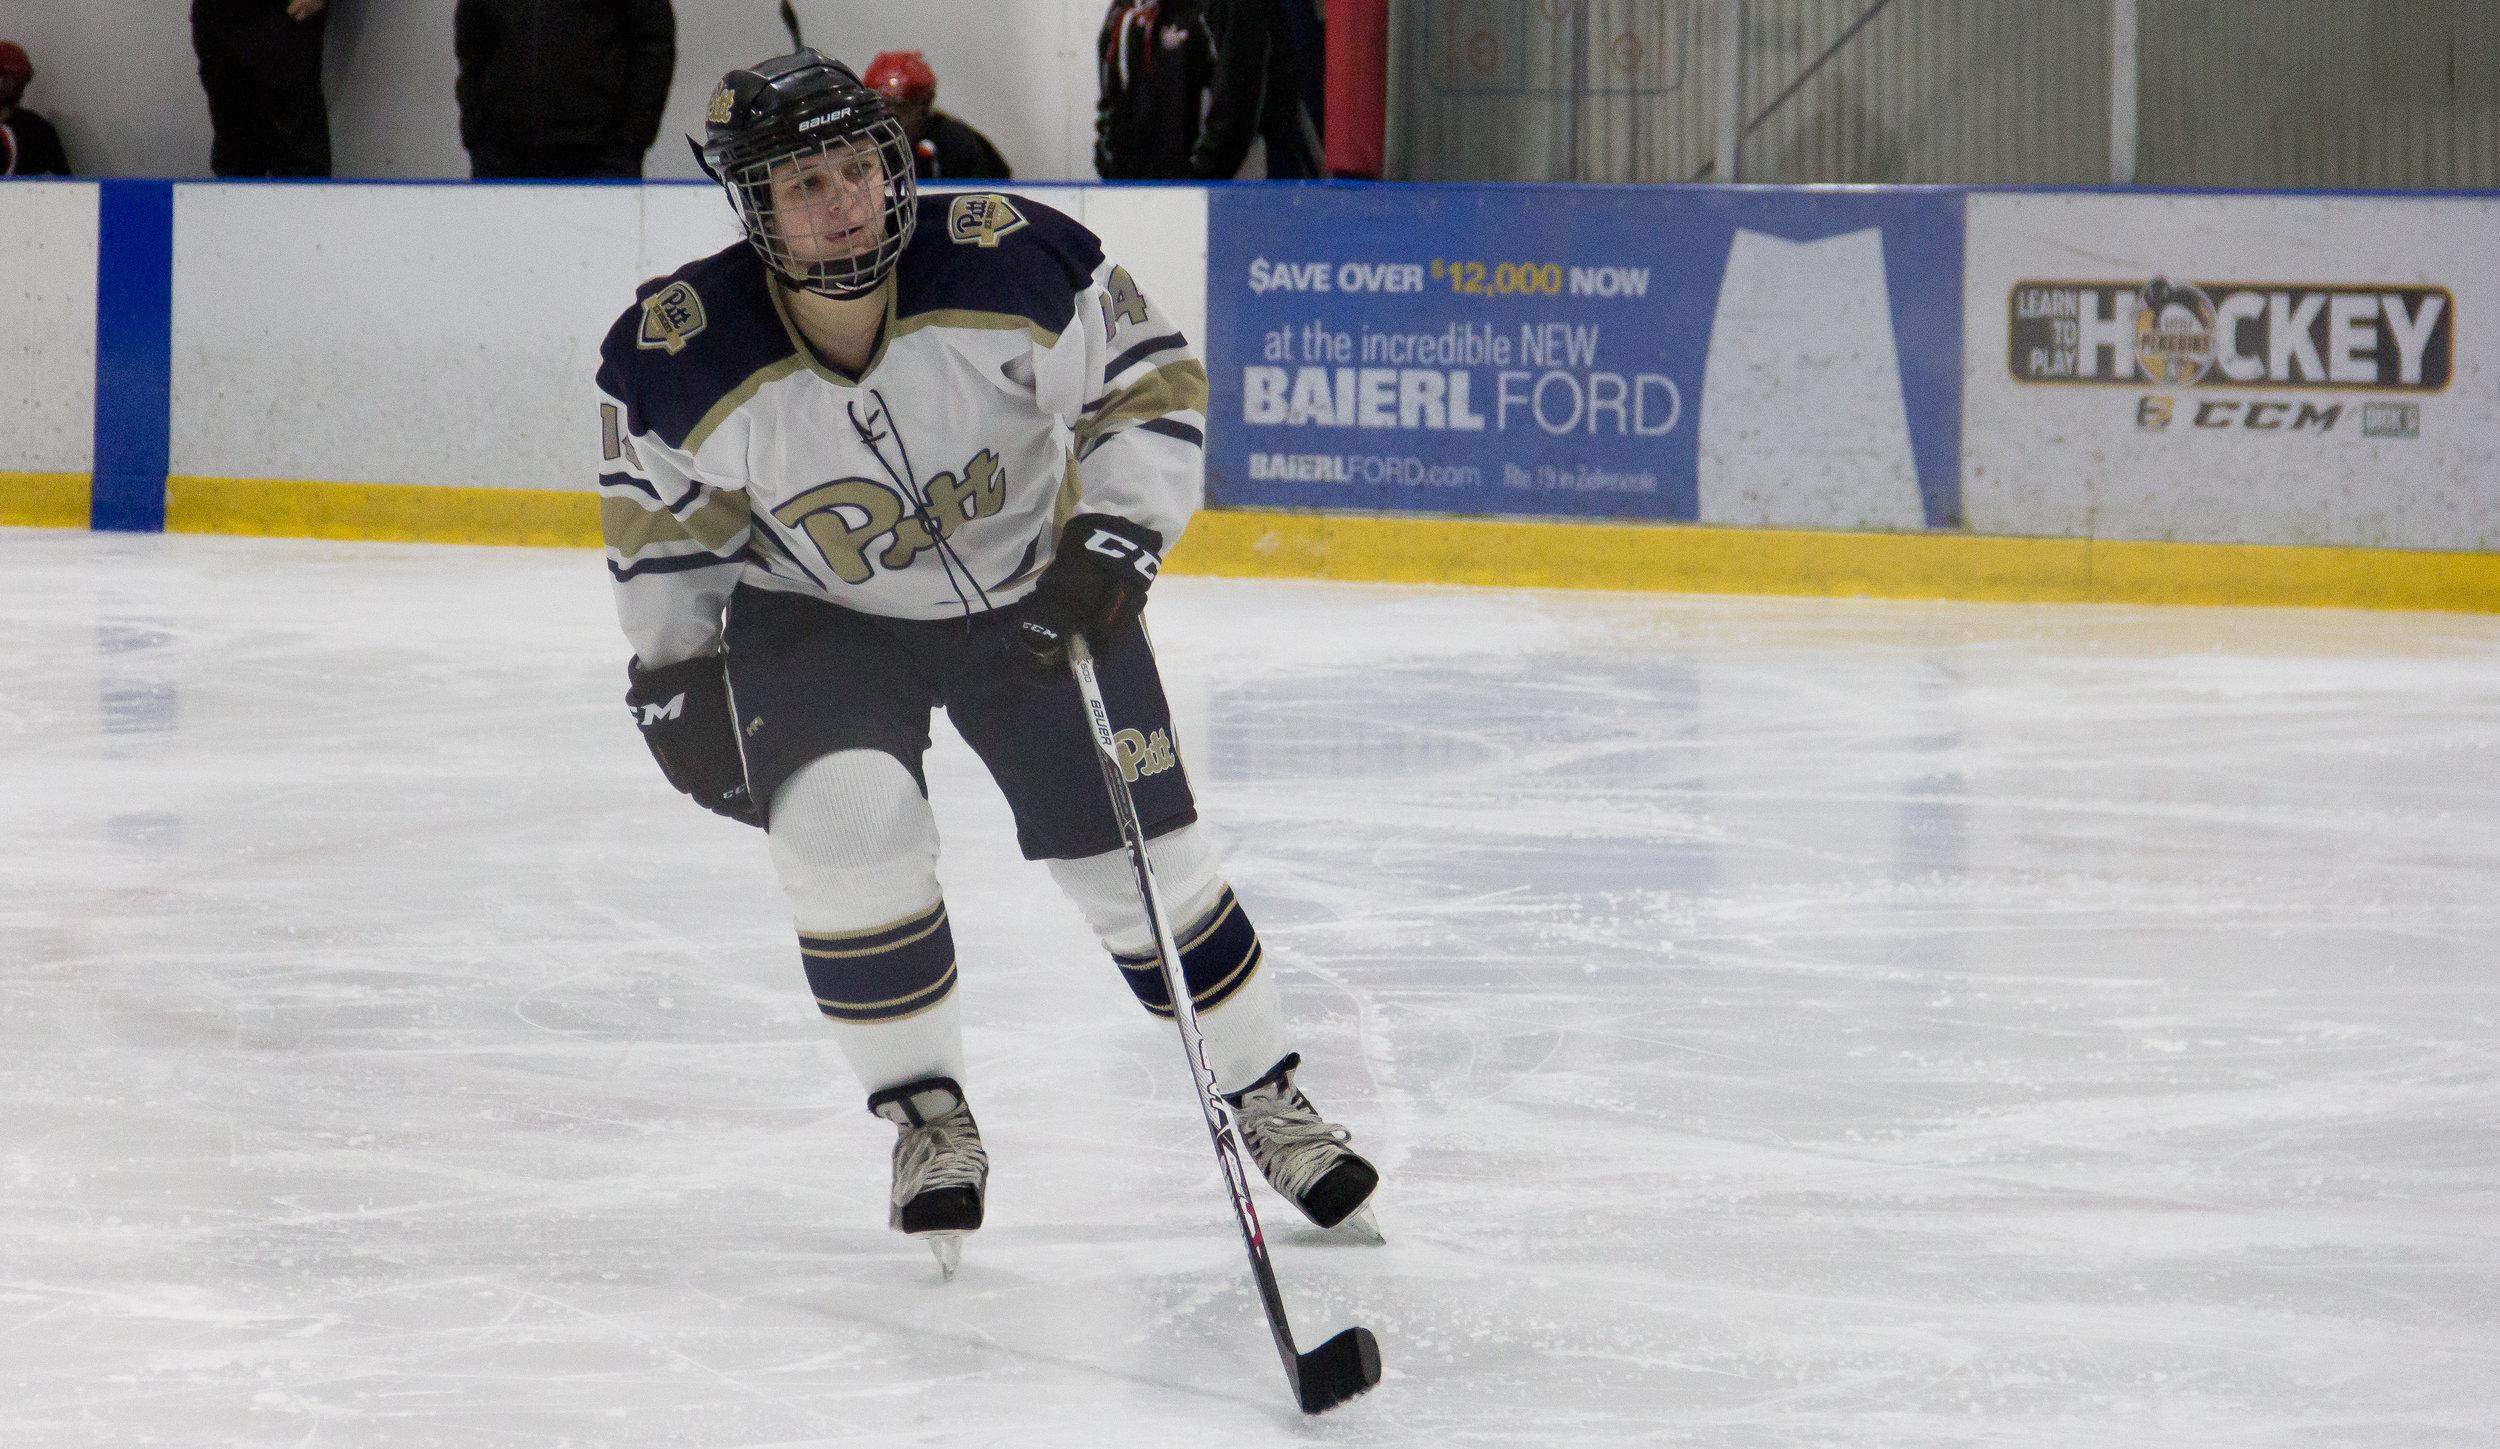 PittHockey-37.jpg